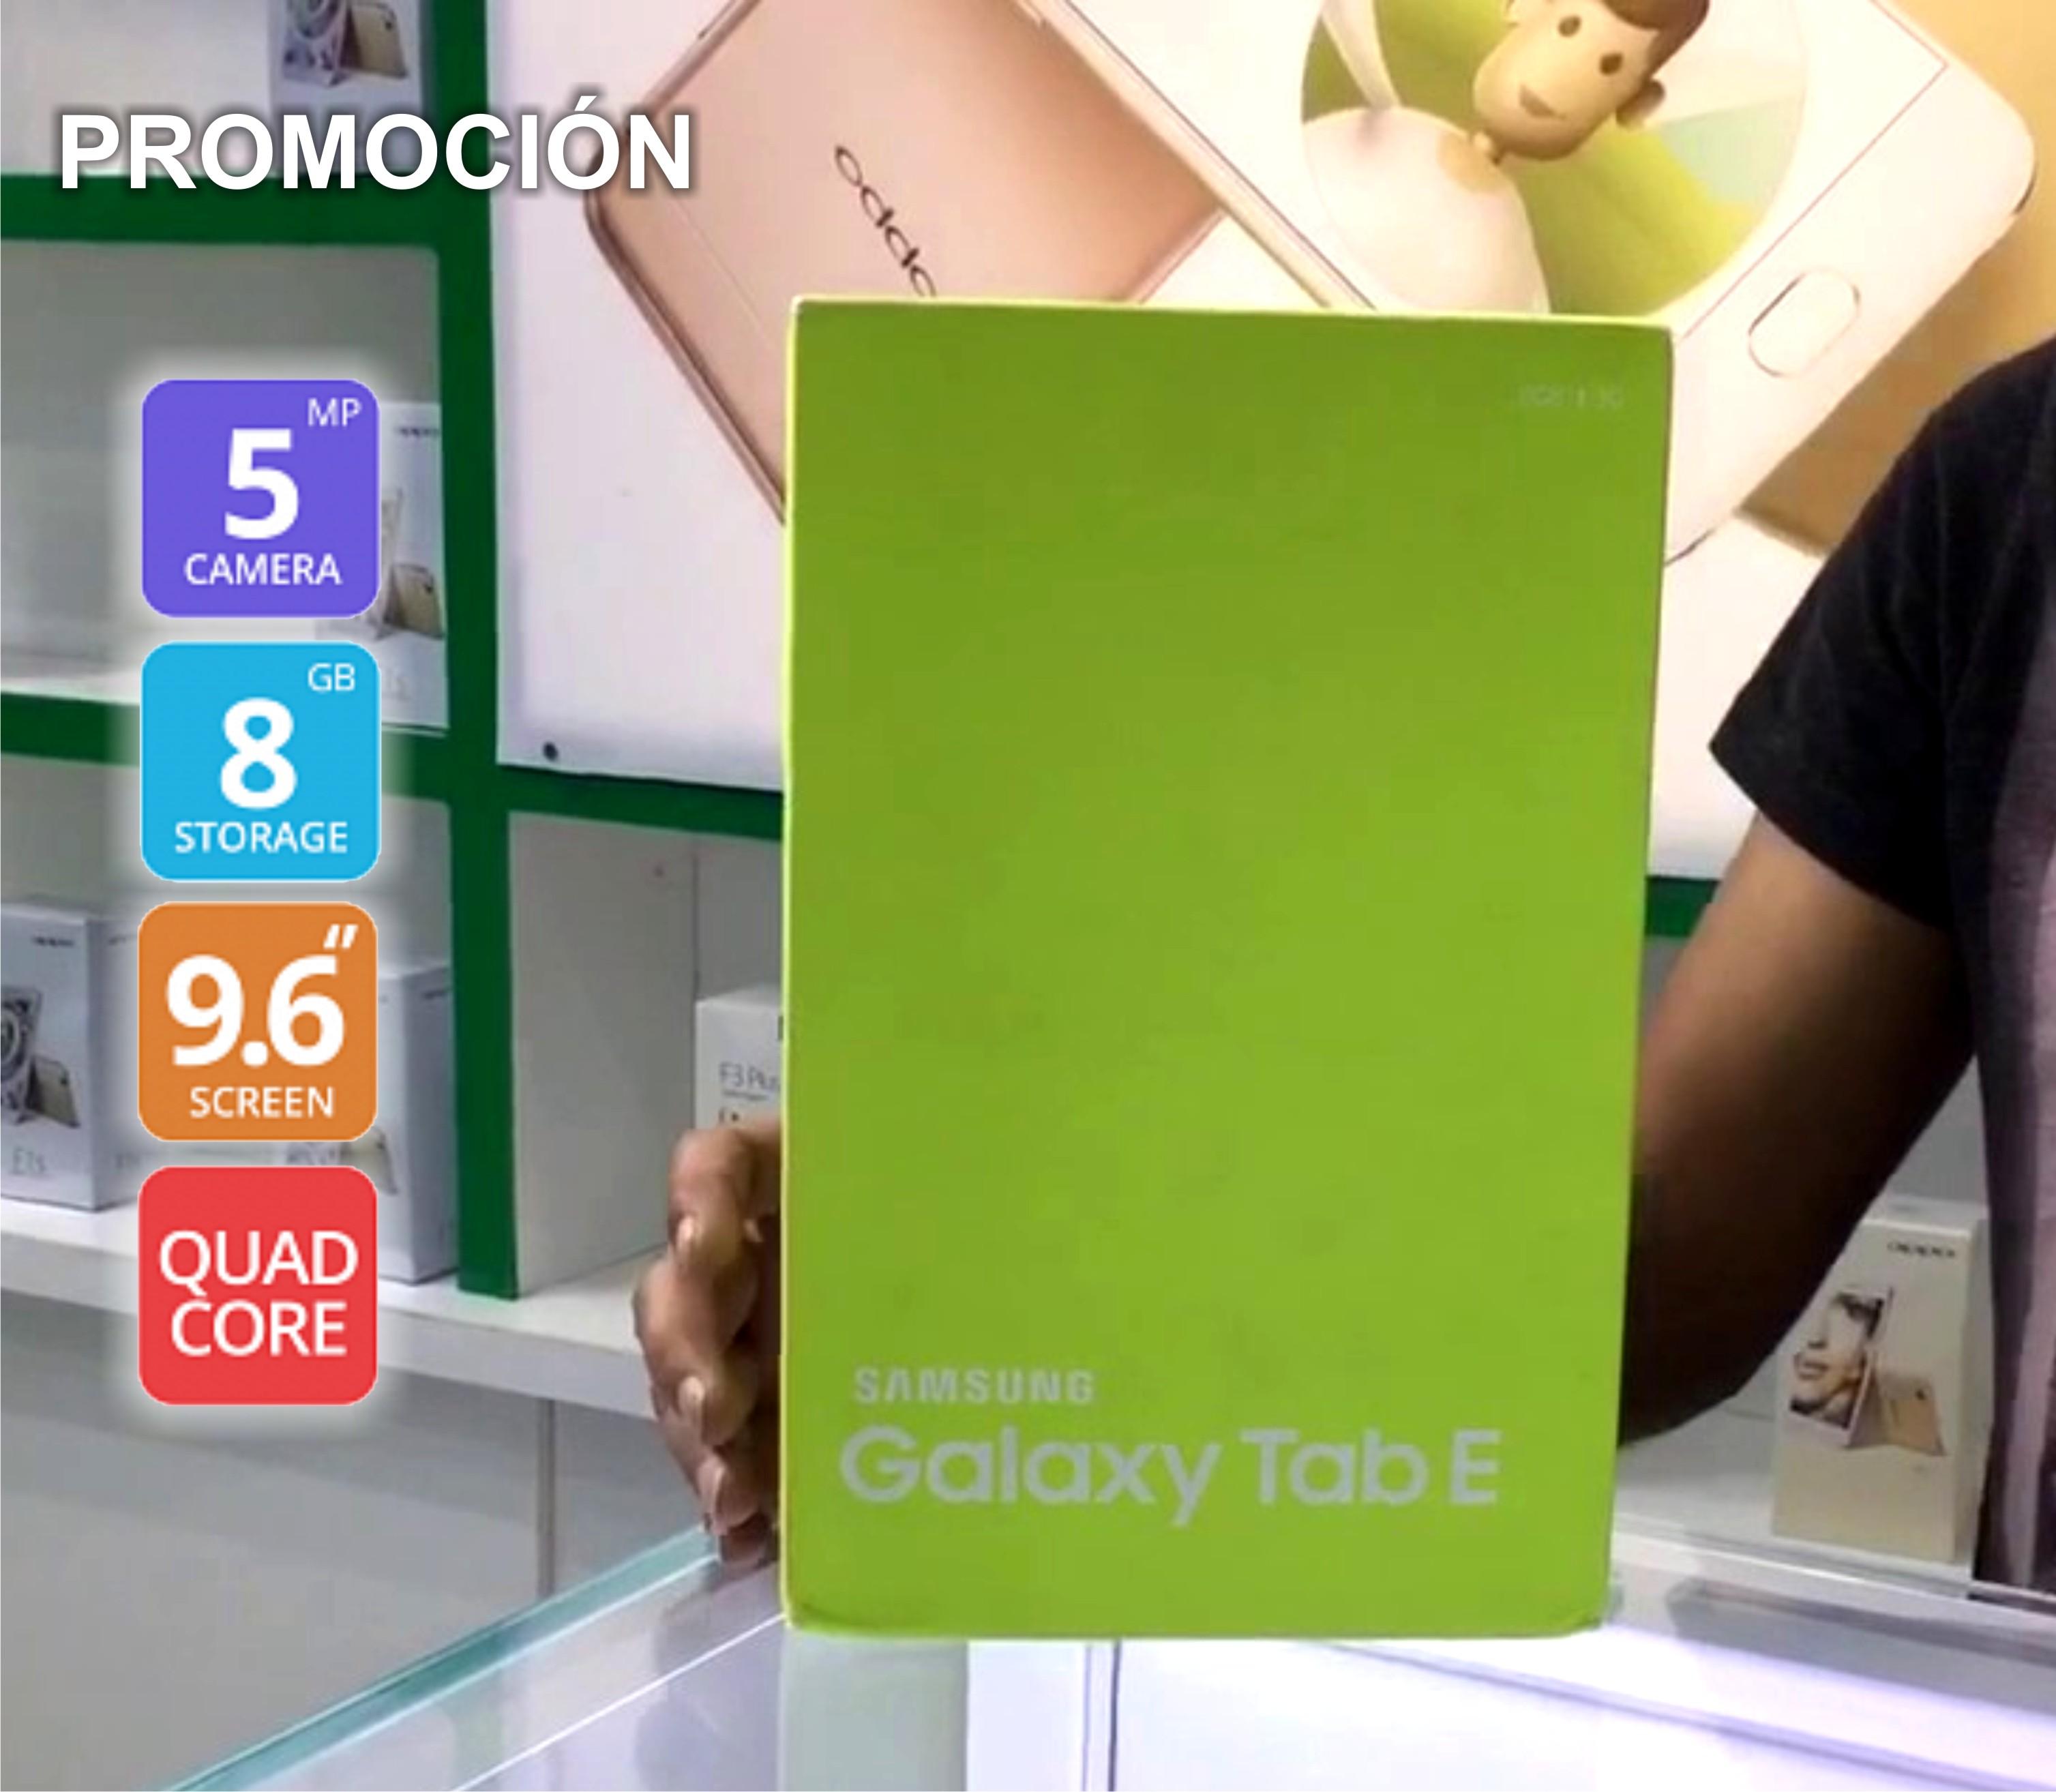 Galaxy Tab E 9.6 Samsung NUEVA Excelente precio